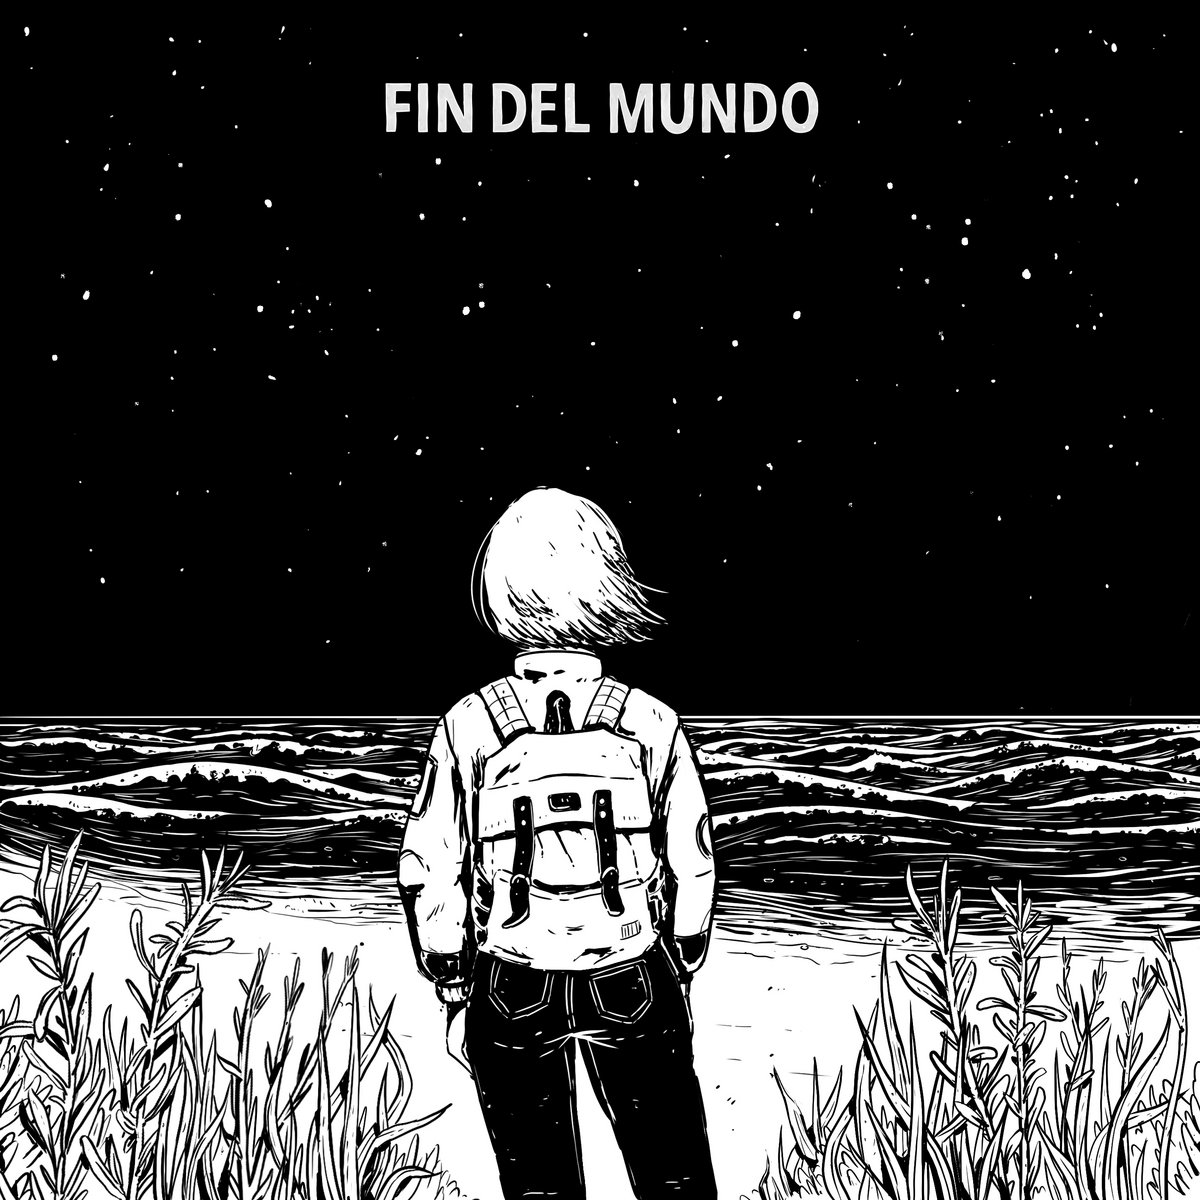 Fin del Mundo - Fin del Mundo [2020]